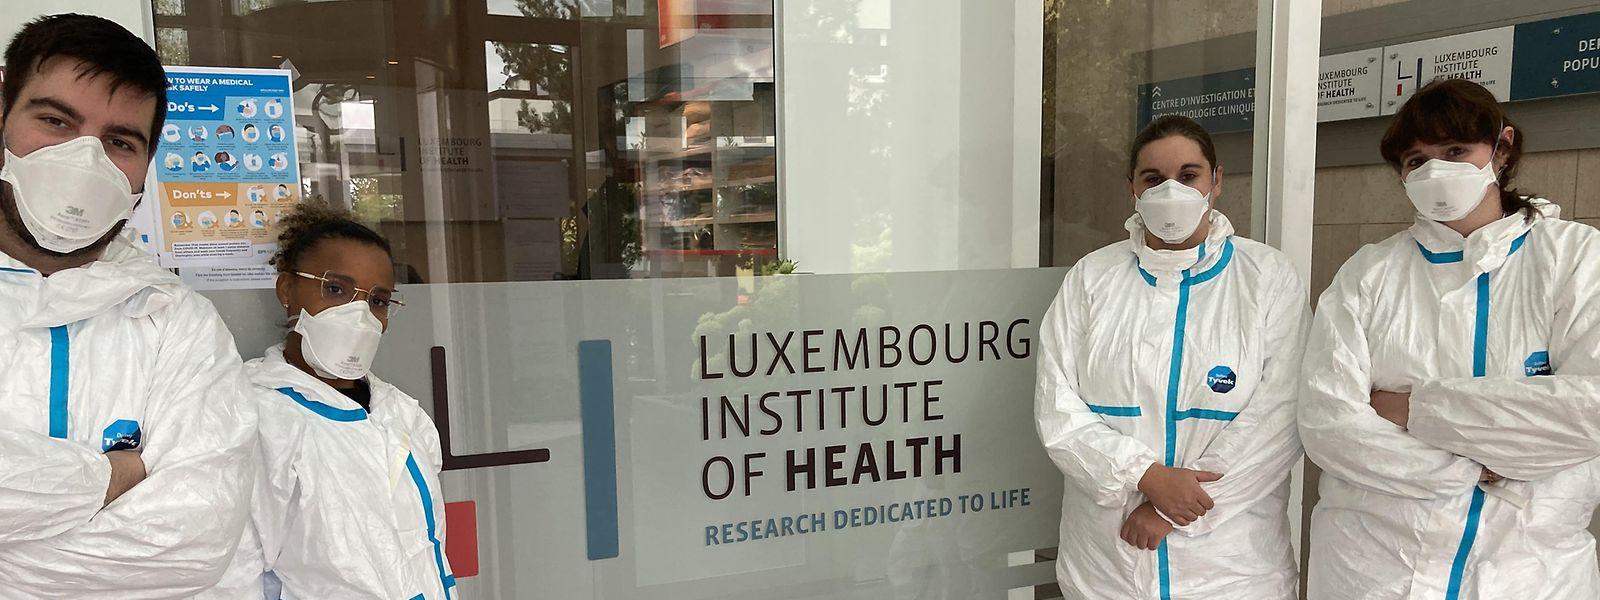 L'équipe du LIH a déjà convaincu 604 volontaires touchés par le covid-19 à participer à son étude.